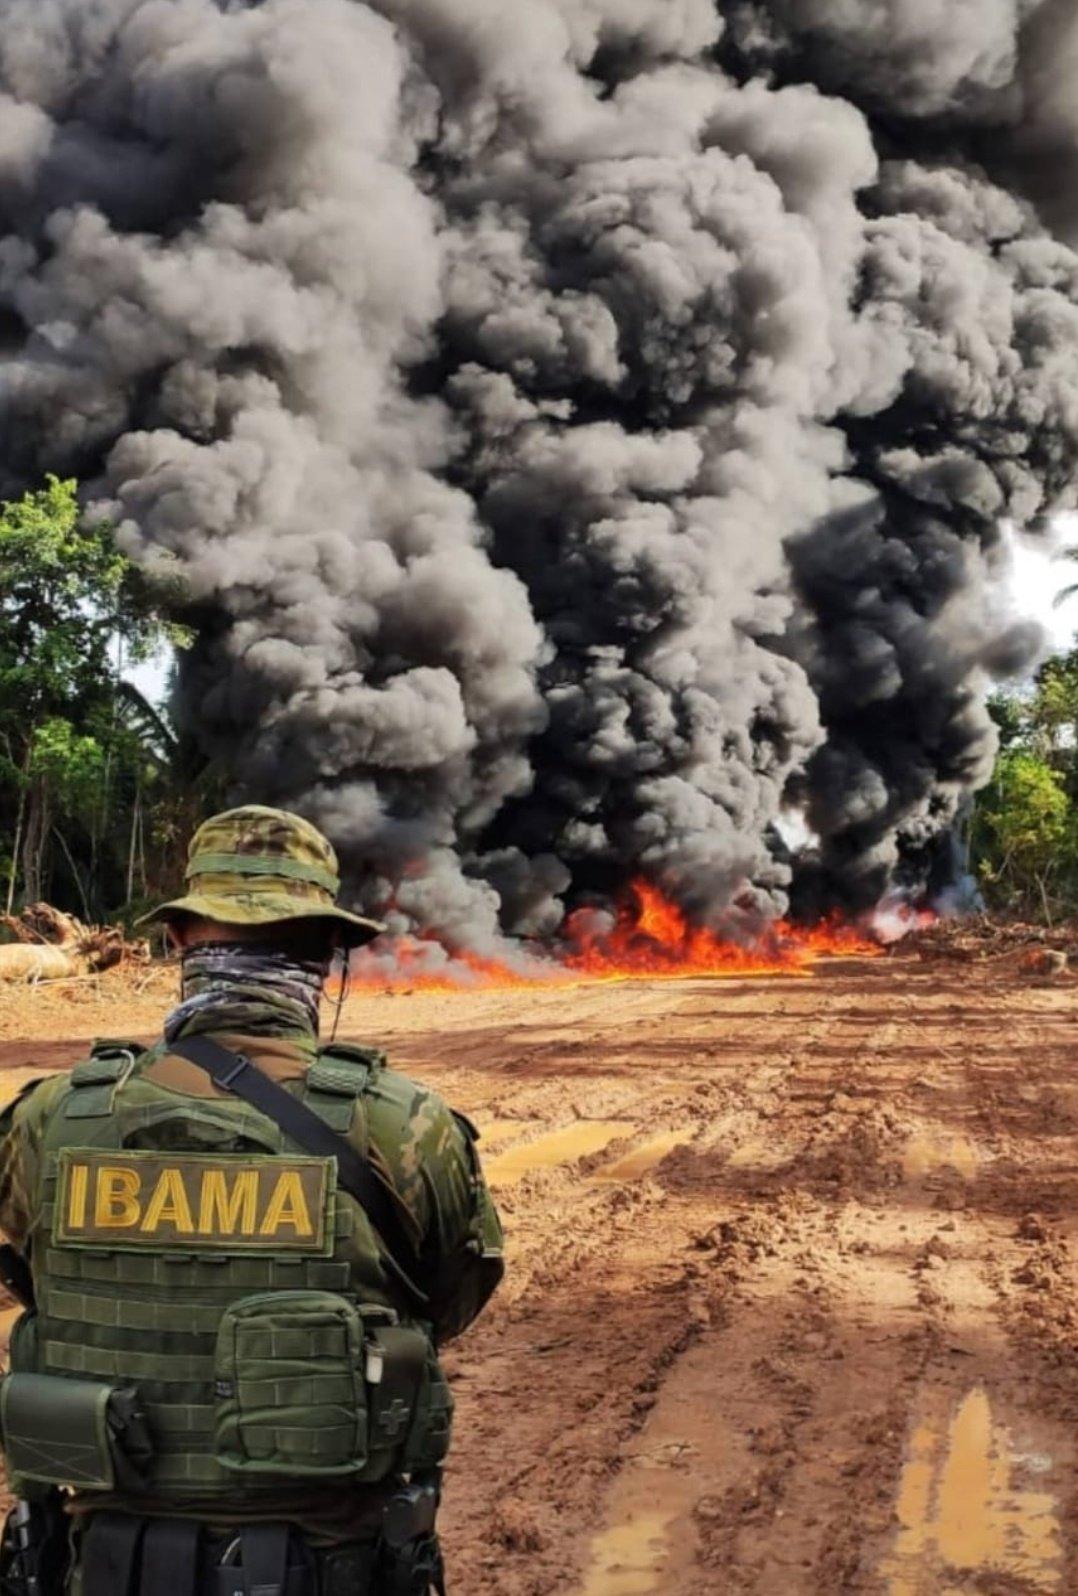 A ação do Ibama foi realizada em três terras indígenas no sul do Pará, onde vivem cerca de 1.700 índios. O que ensejou a ação do poder público foi o fato de as invasões de terras indígenas terem aumentado desde o início da pandemia de covid-19